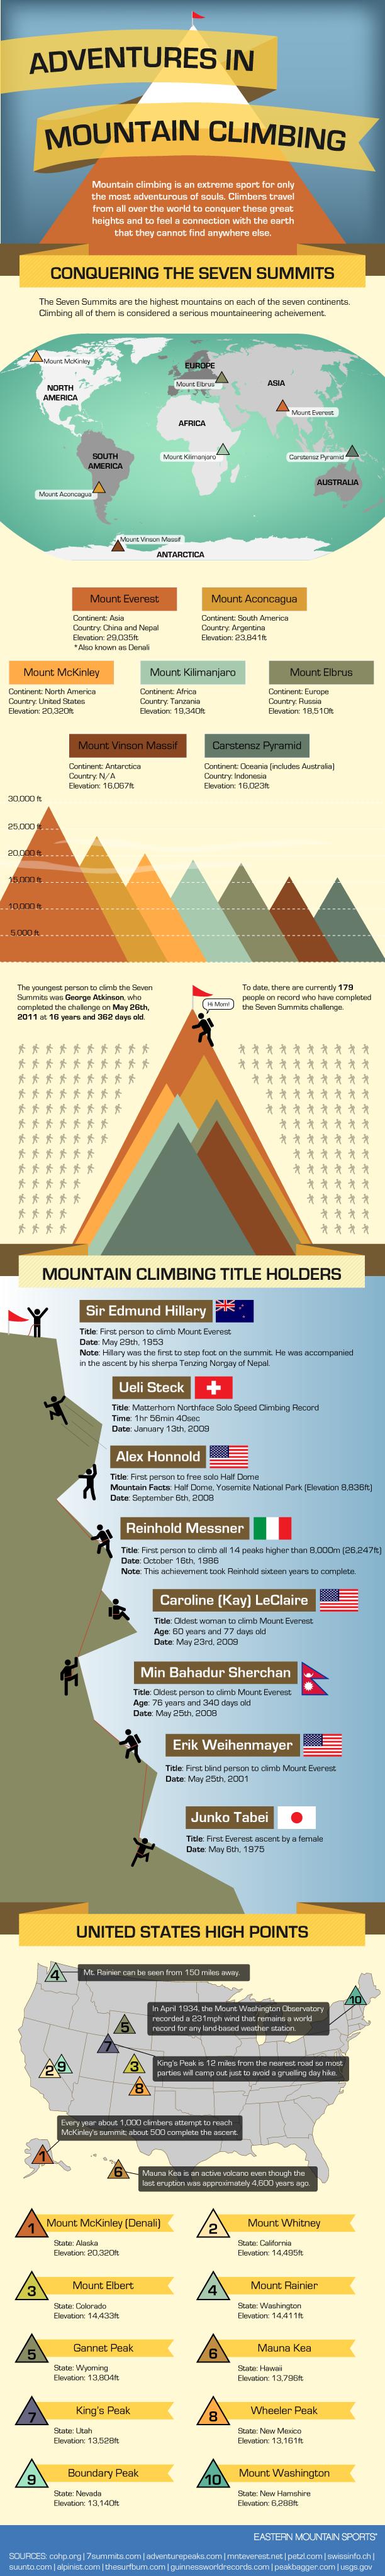 Adventures in mountain climbing